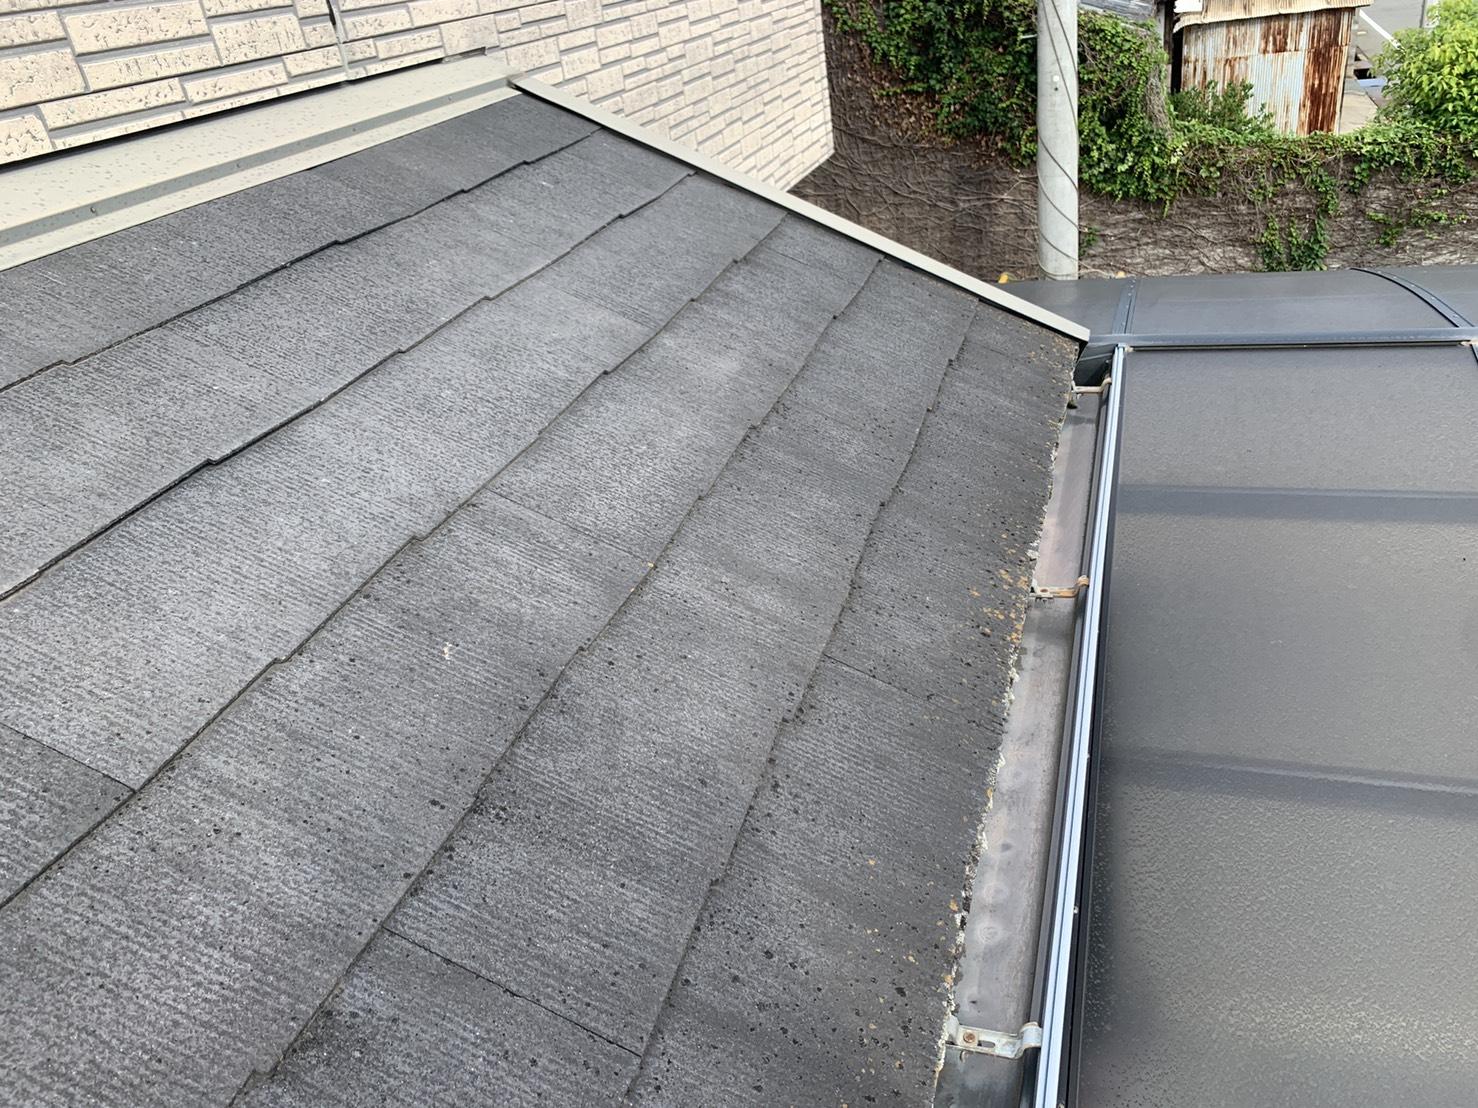 明石市での屋根診断で下屋根を確認した様子